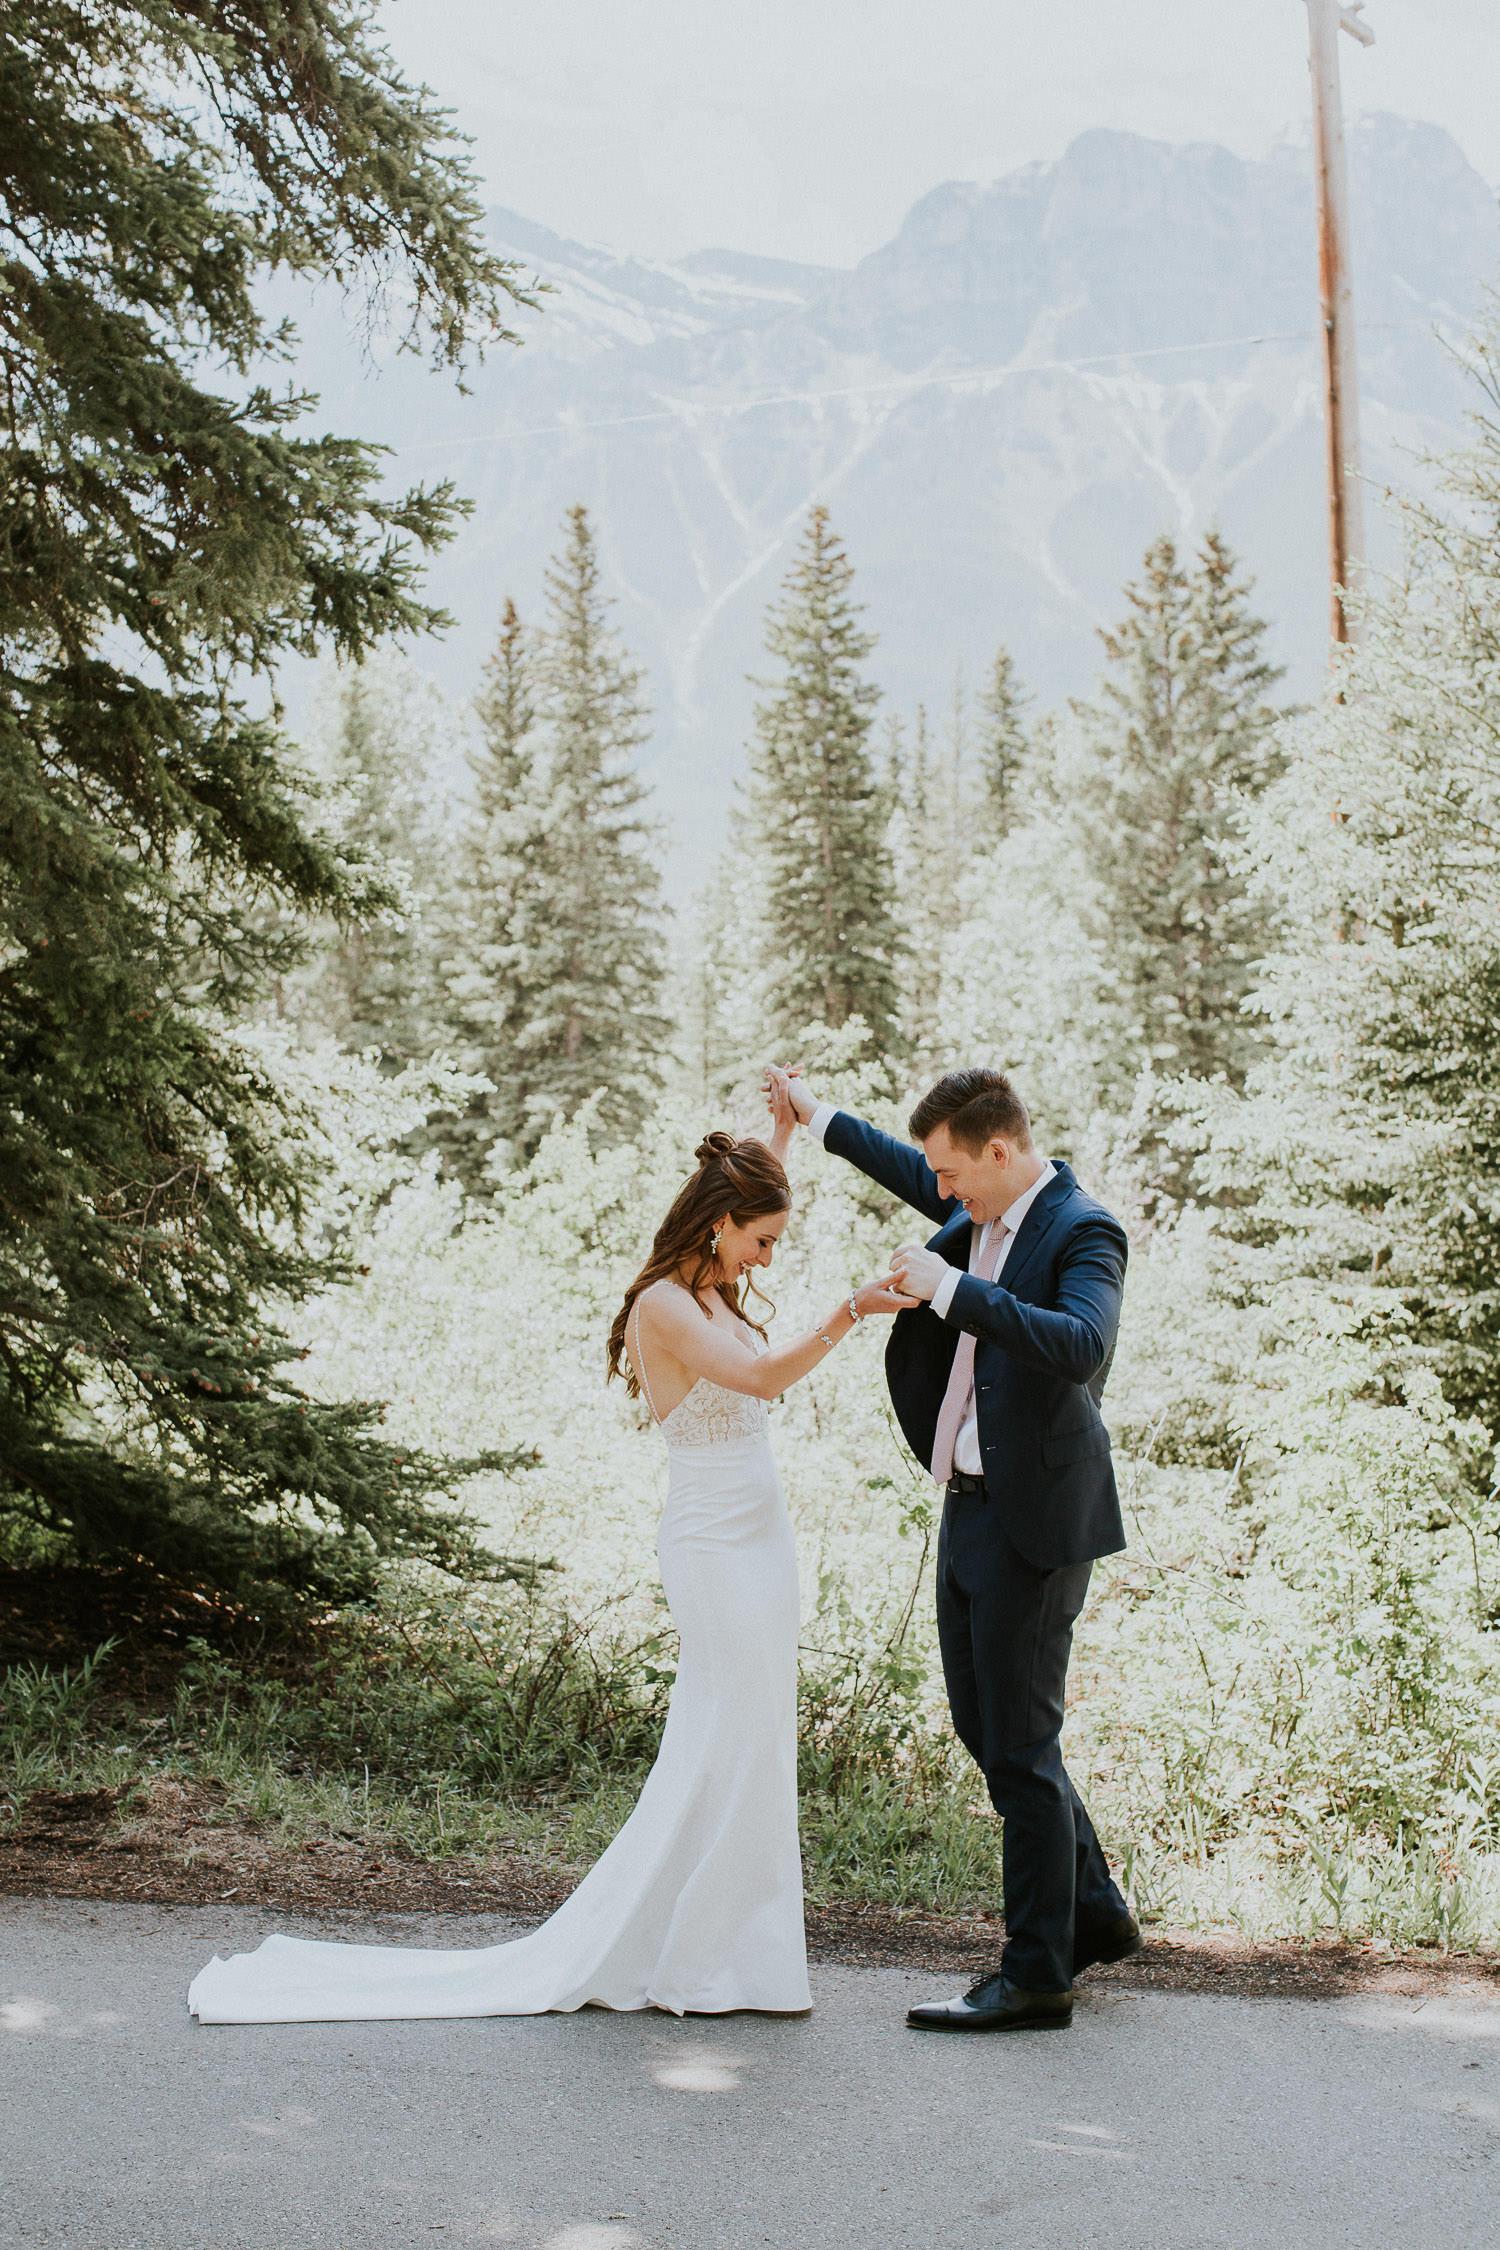 stewart-creek-wedding-sarah-pukin-087